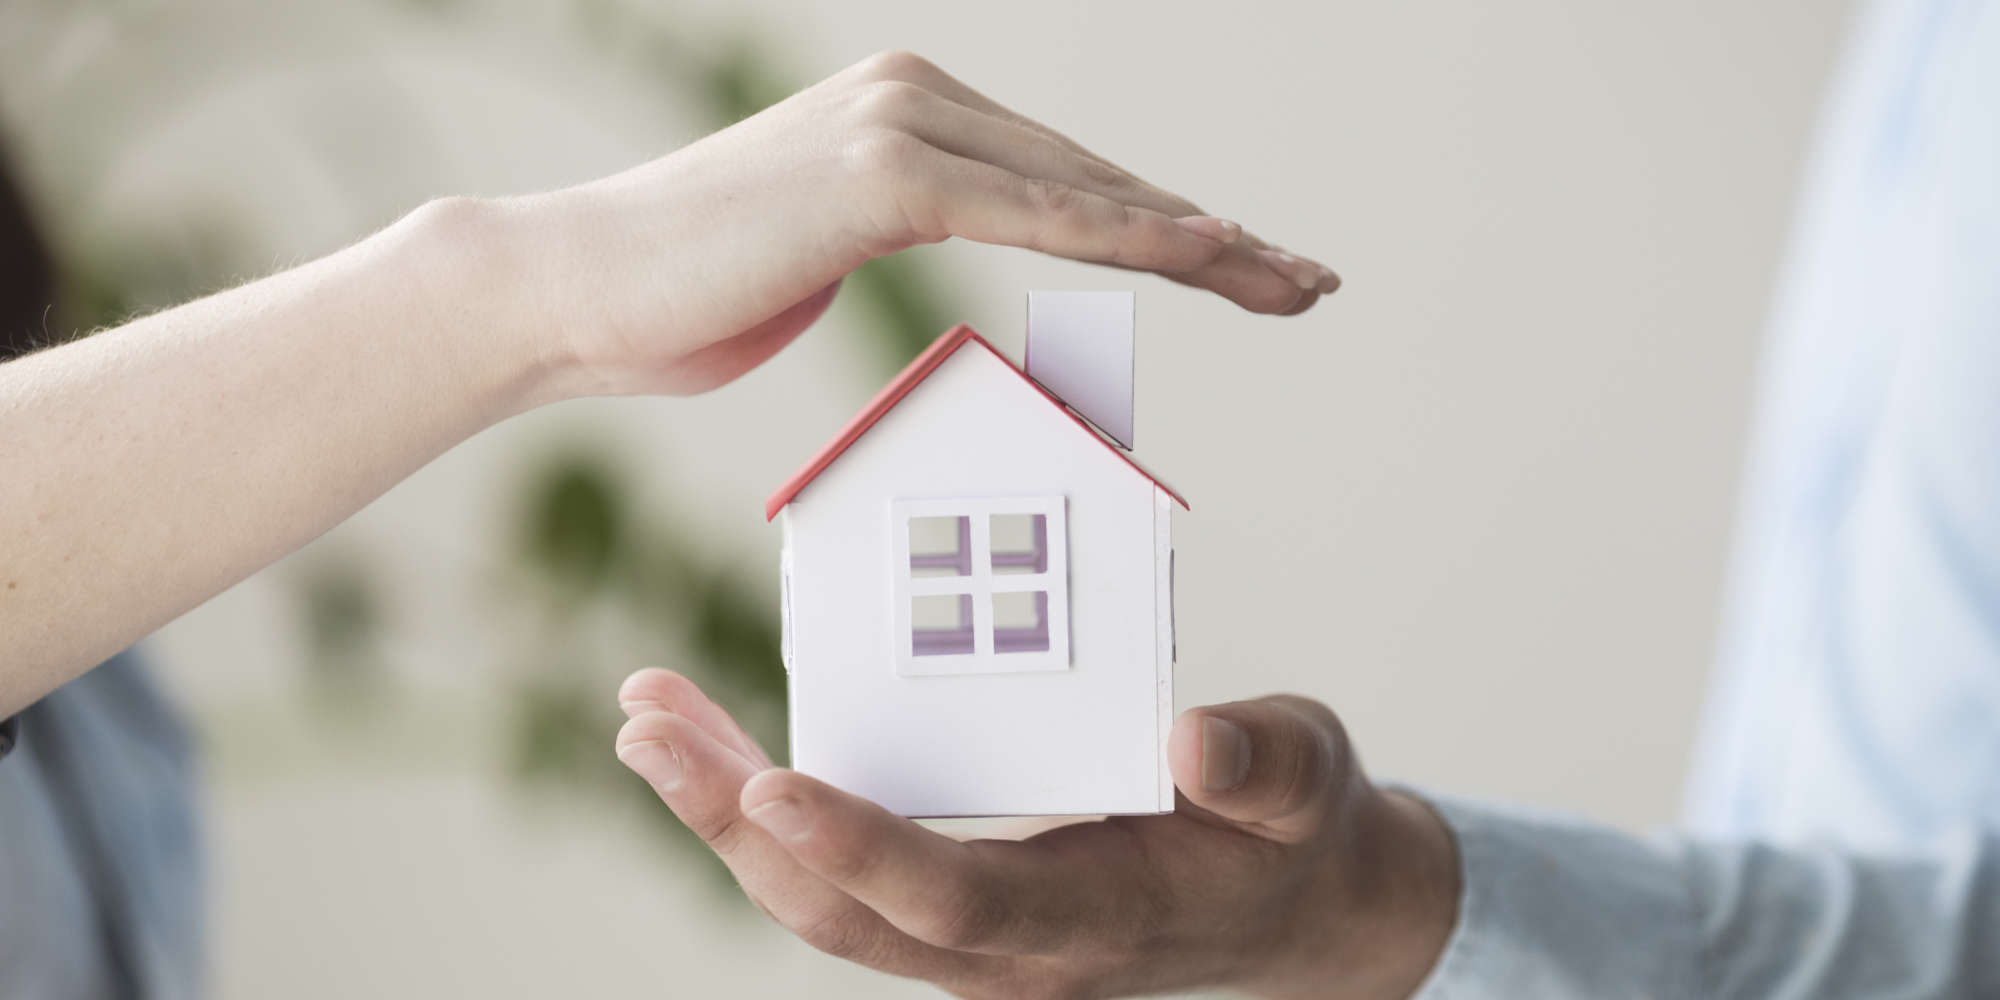 Solutions sécurité pour protéger votre maison ou appartement